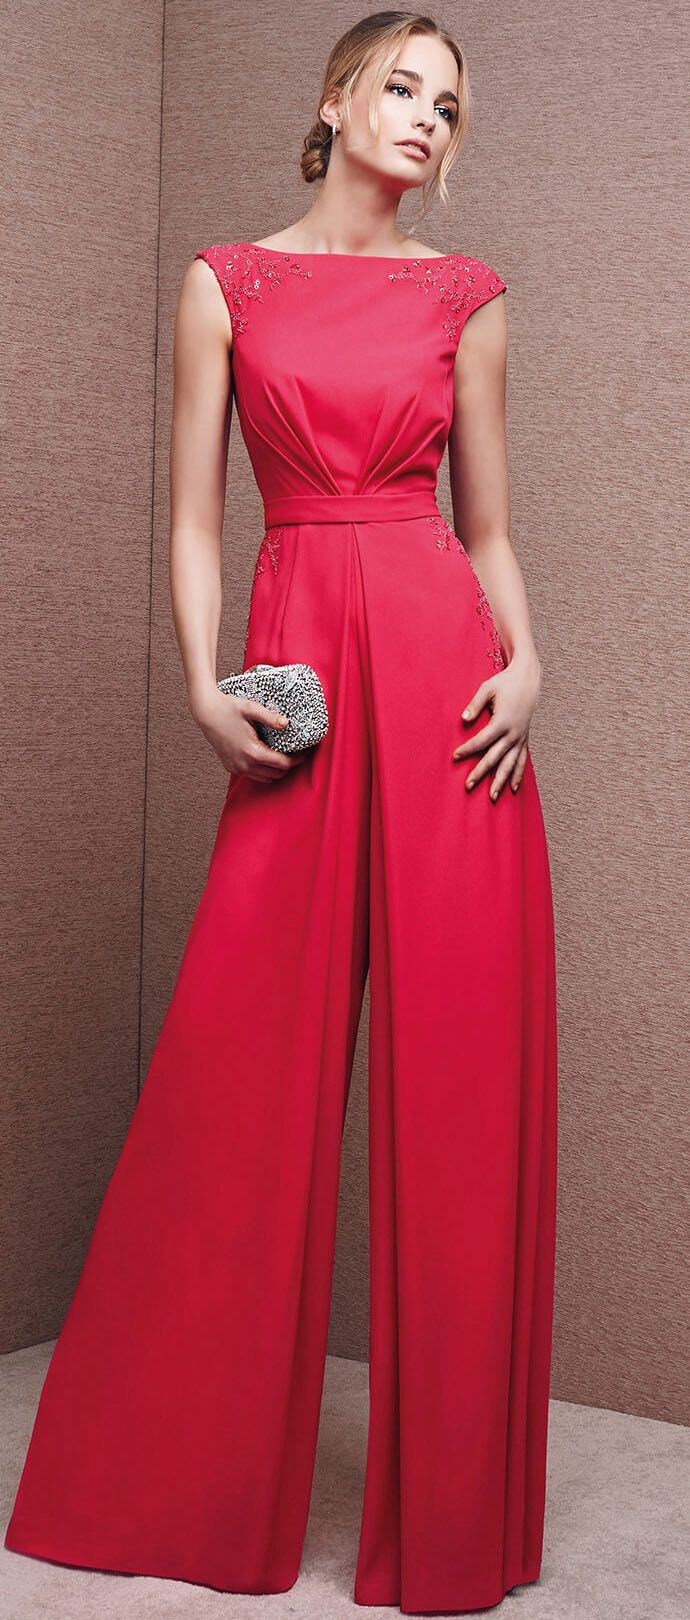 Best 20+ Designer prom dresses ideas on Pinterest | Designer ...